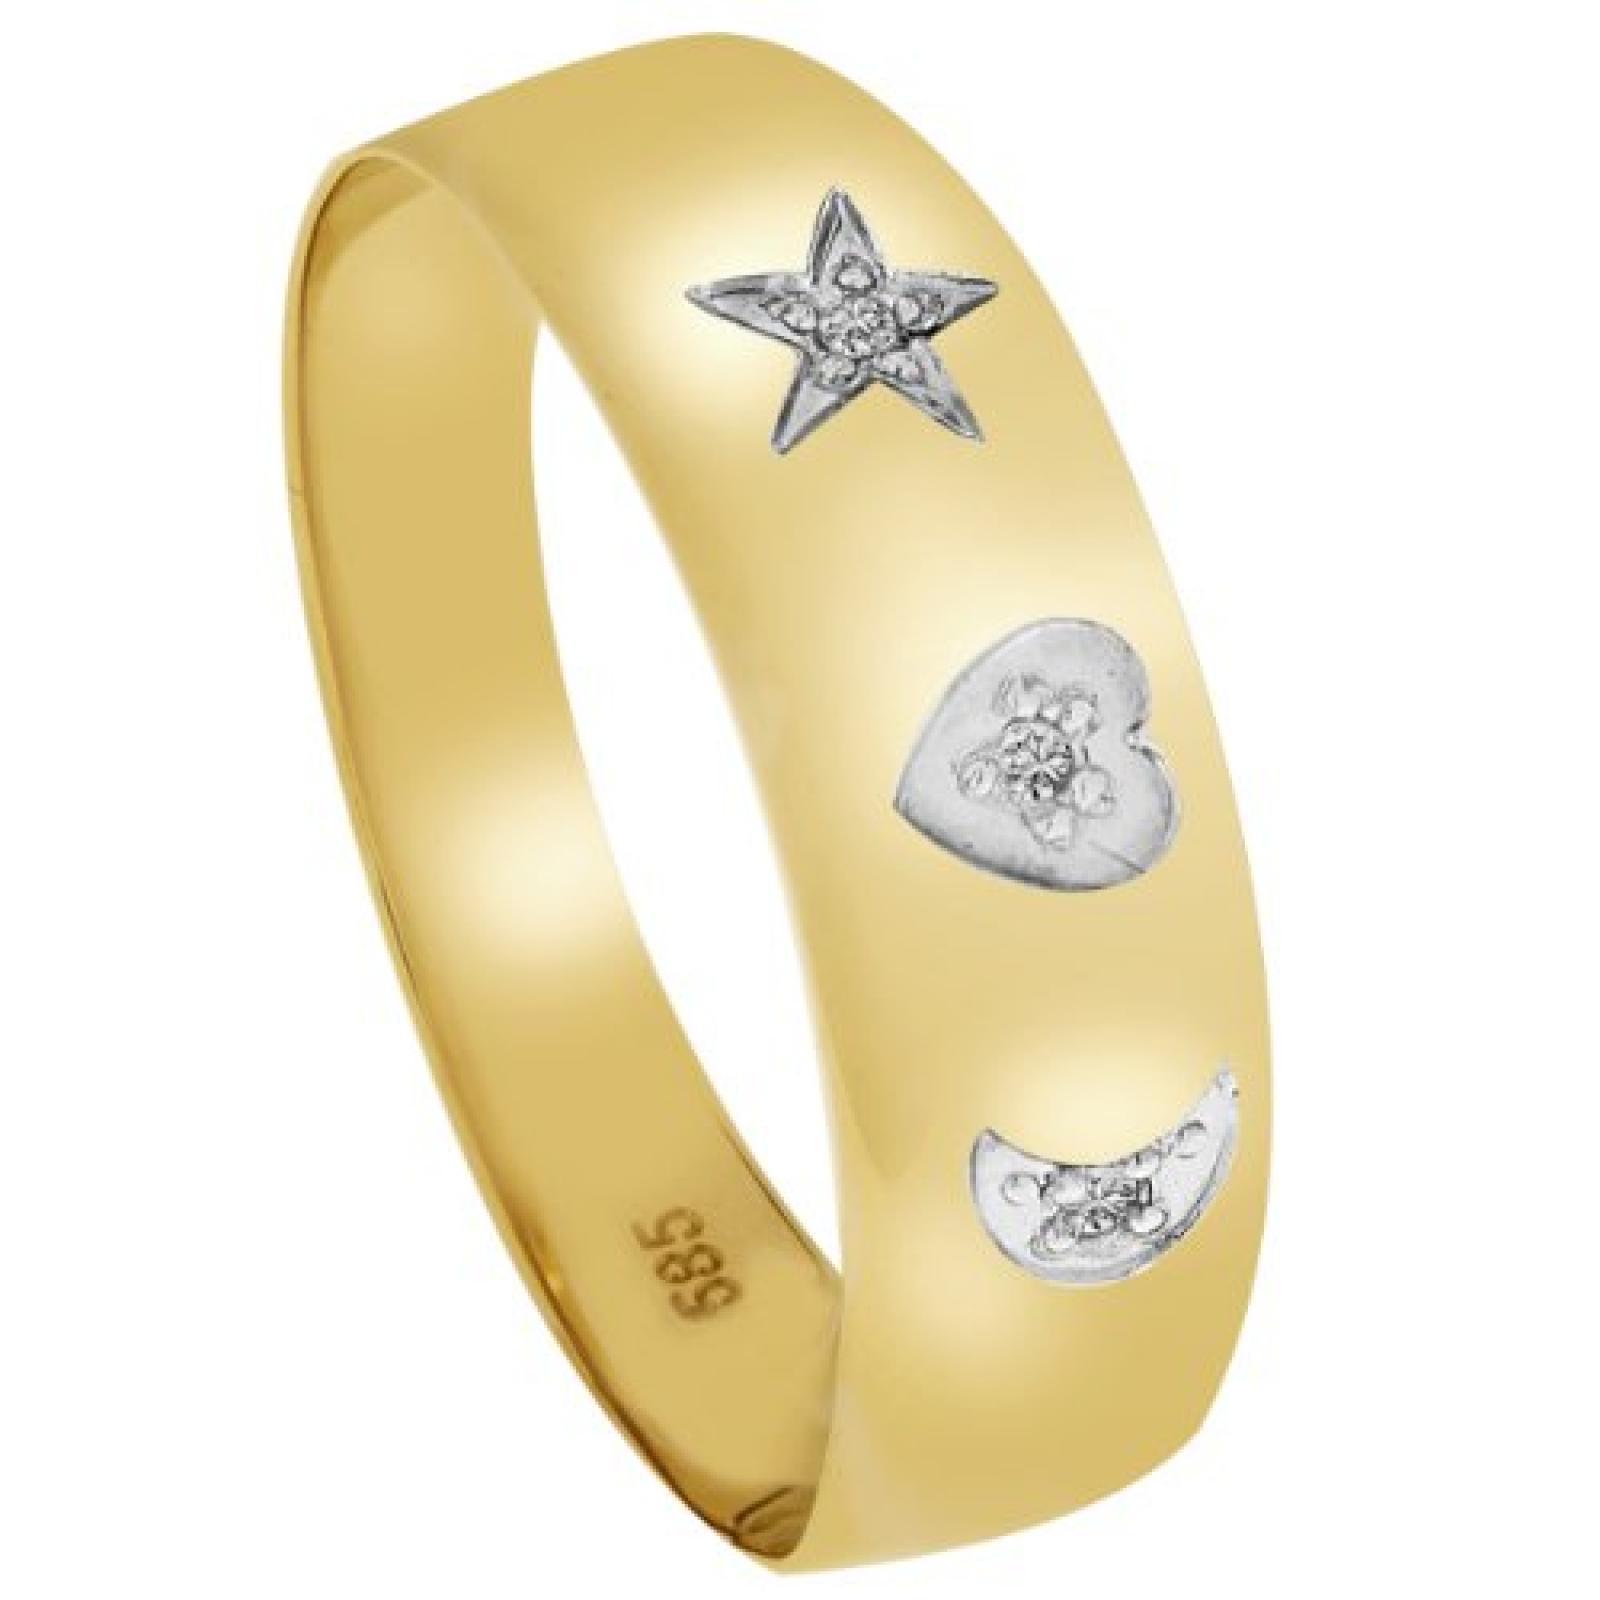 Bella Donna Damen-Ring 585 Gelbgold teilrhodiniert 3 Diamanten